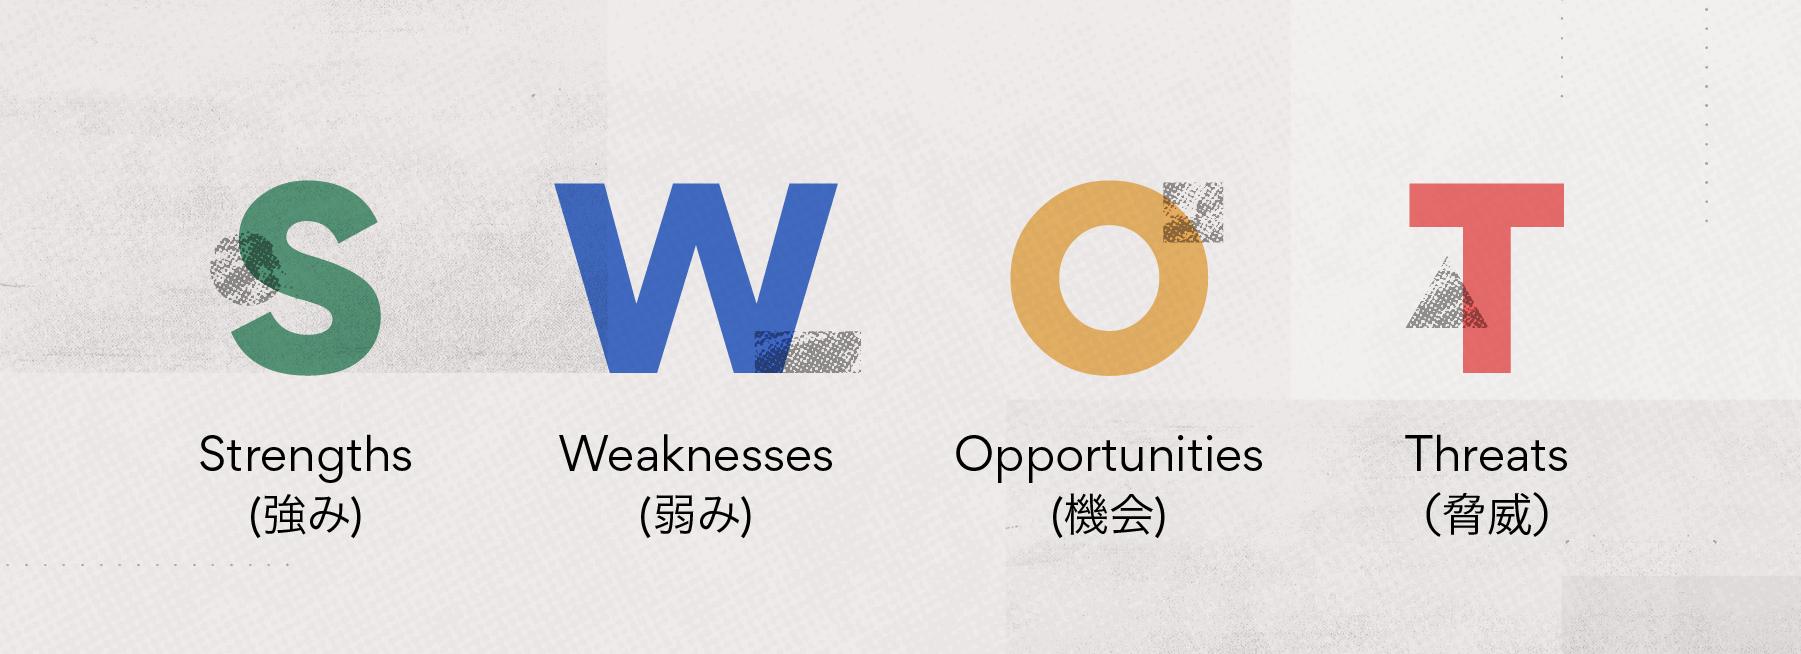 強み (Strengths)、弱み (Weaknesses)、機会 (Opportunities)、脅威 (Threats)